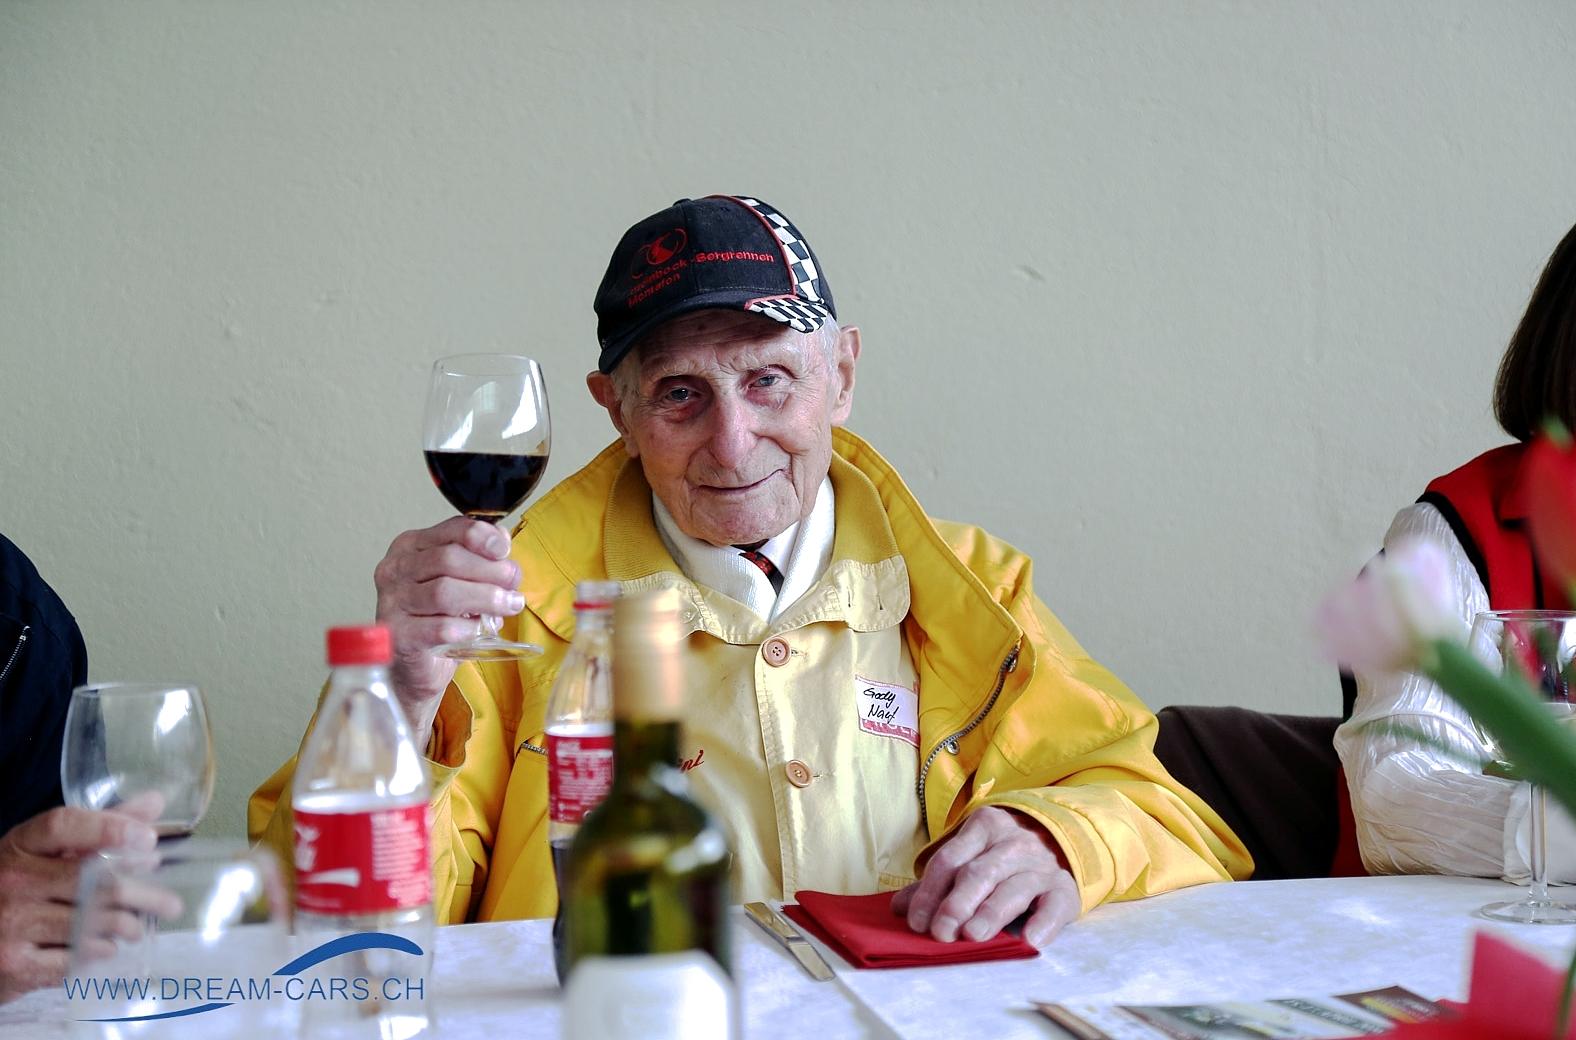 Gody Naef zum 99. Geburtstag. Alles Gute, Prost und auf viele weitere gefreute Jahre